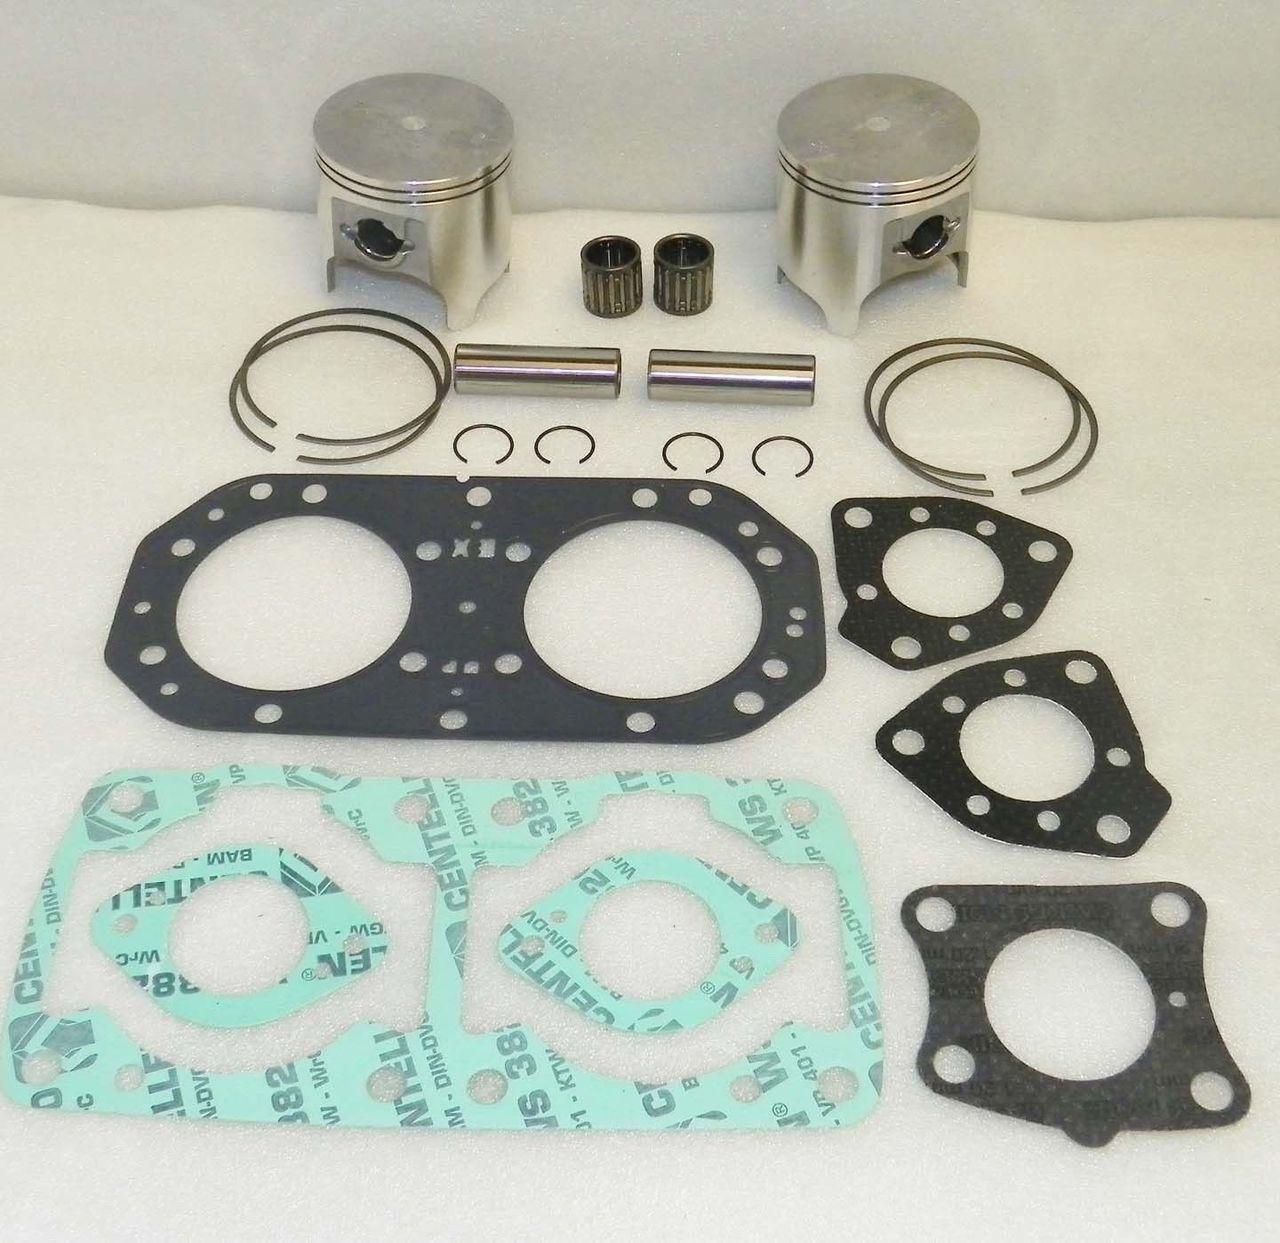 WSM Yamaha WR 500 Top End Piston Rebuild Kit 010-801-10 STD SIZE ONLY